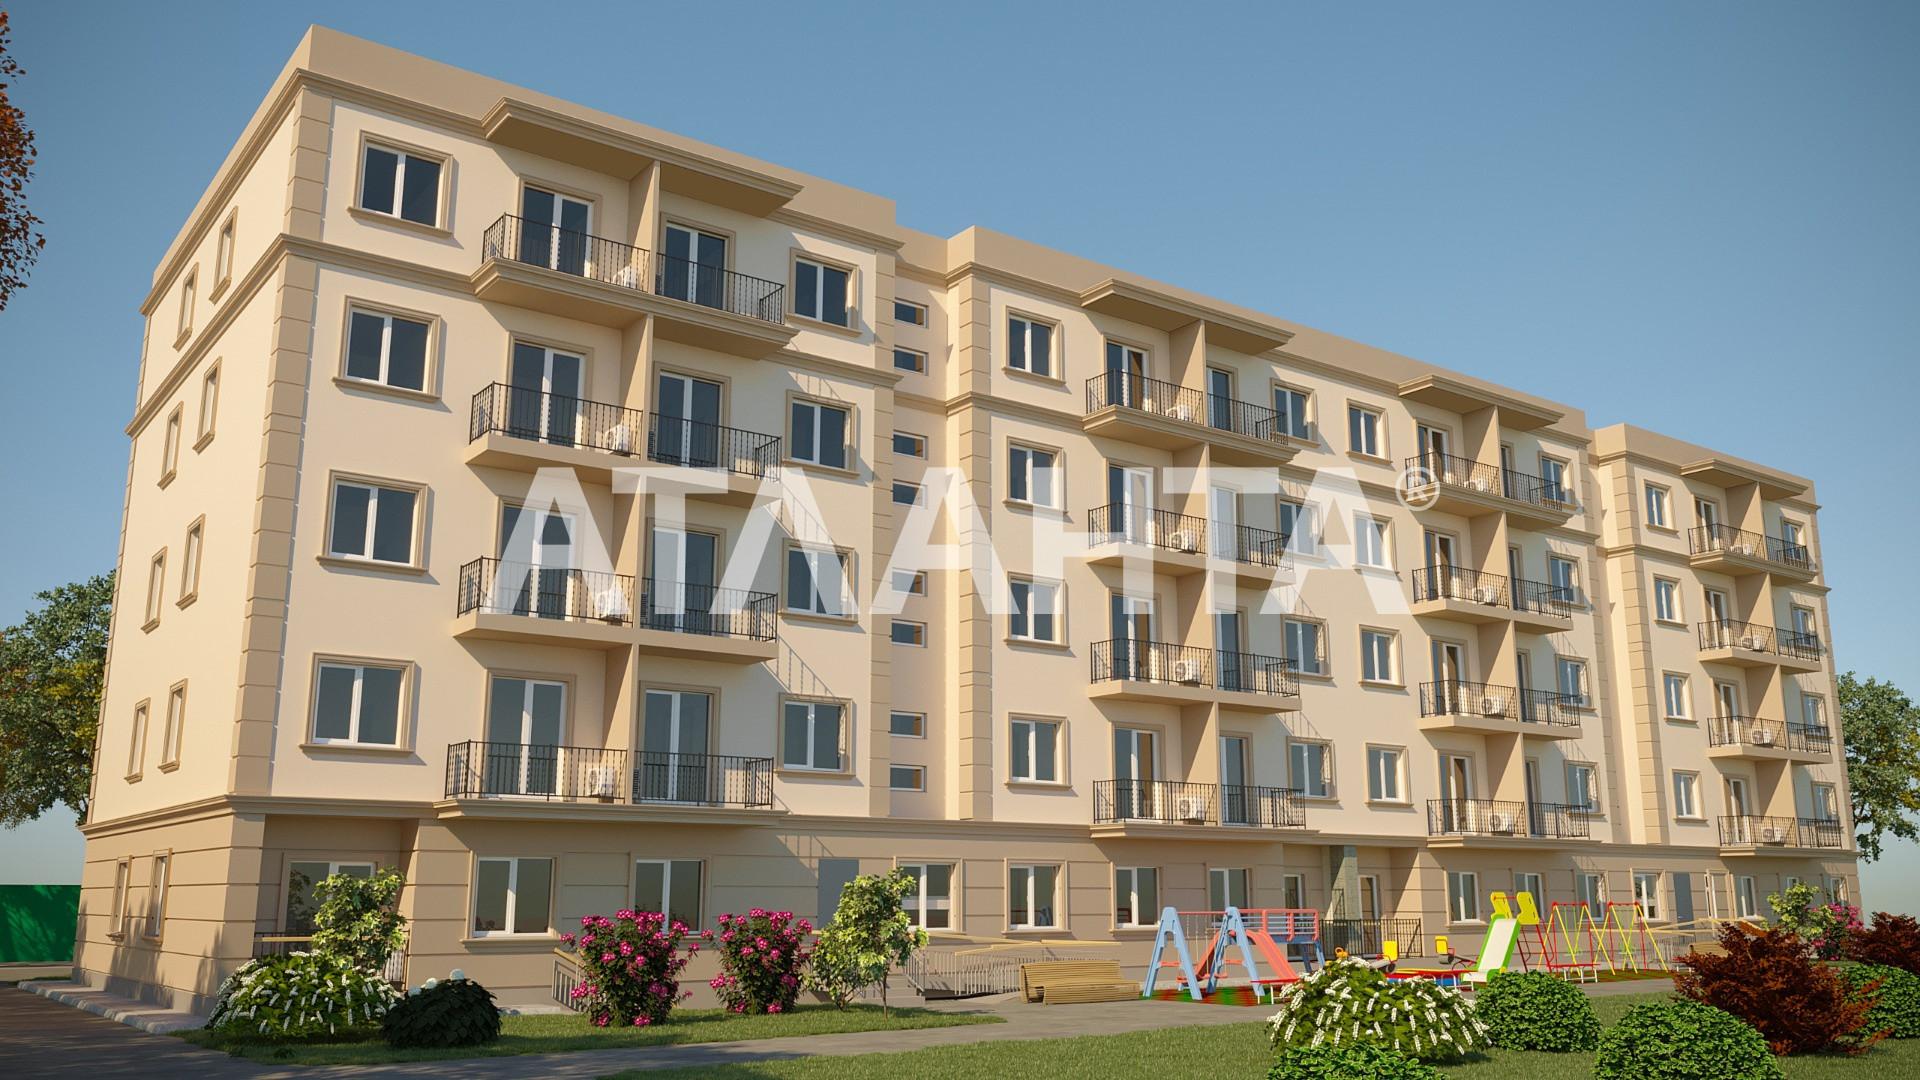 Продается 1-комнатная Квартира на ул. Люстдорфская Дор. (Черноморская Дор.) — 31 830 у.е. (фото №2)